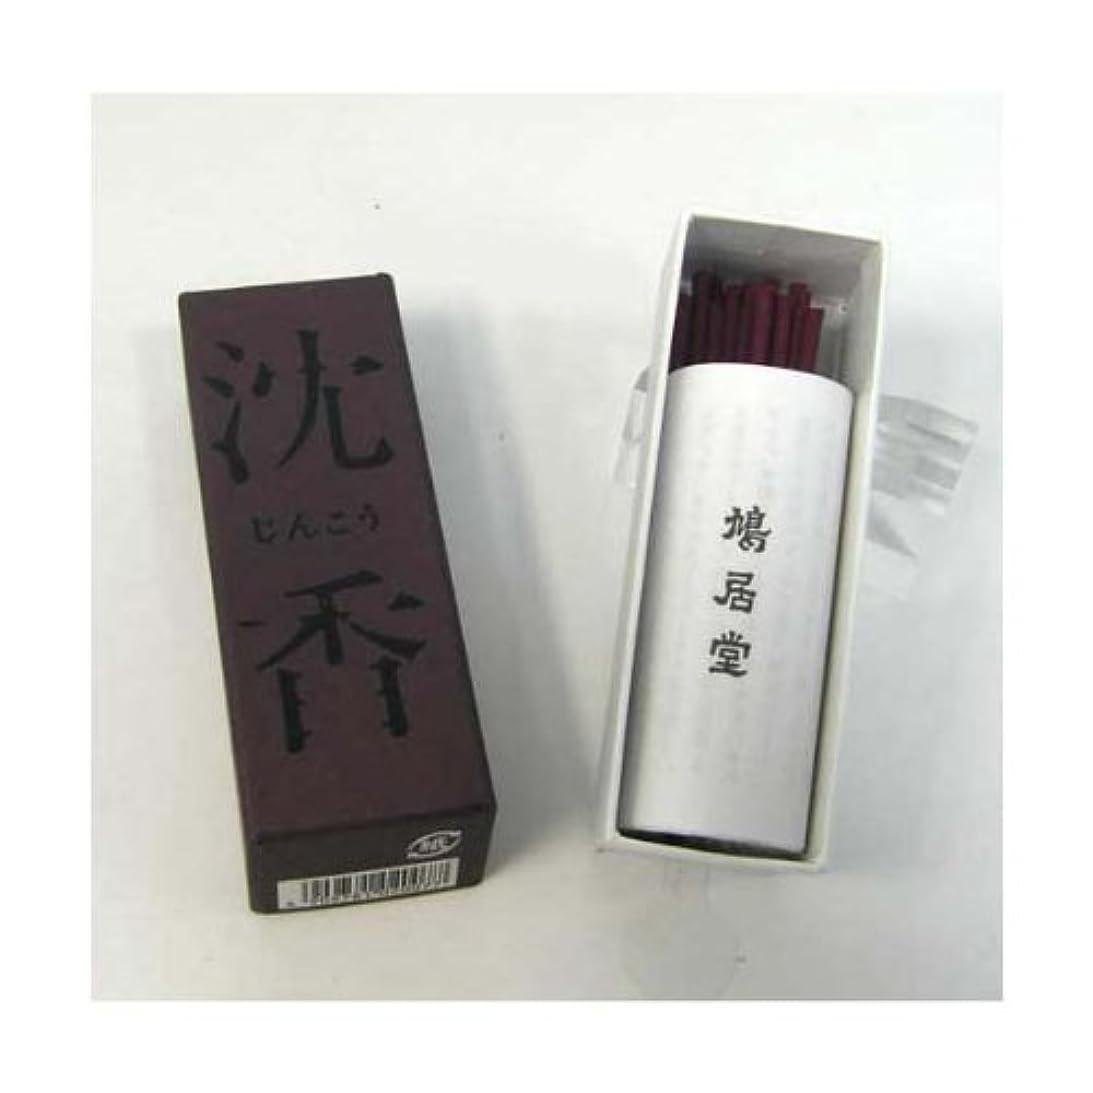 デッキ盲信リーン鳩居堂 お香 沈香 香木の香りシリーズ スティックタイプ(棒状香)20本いり